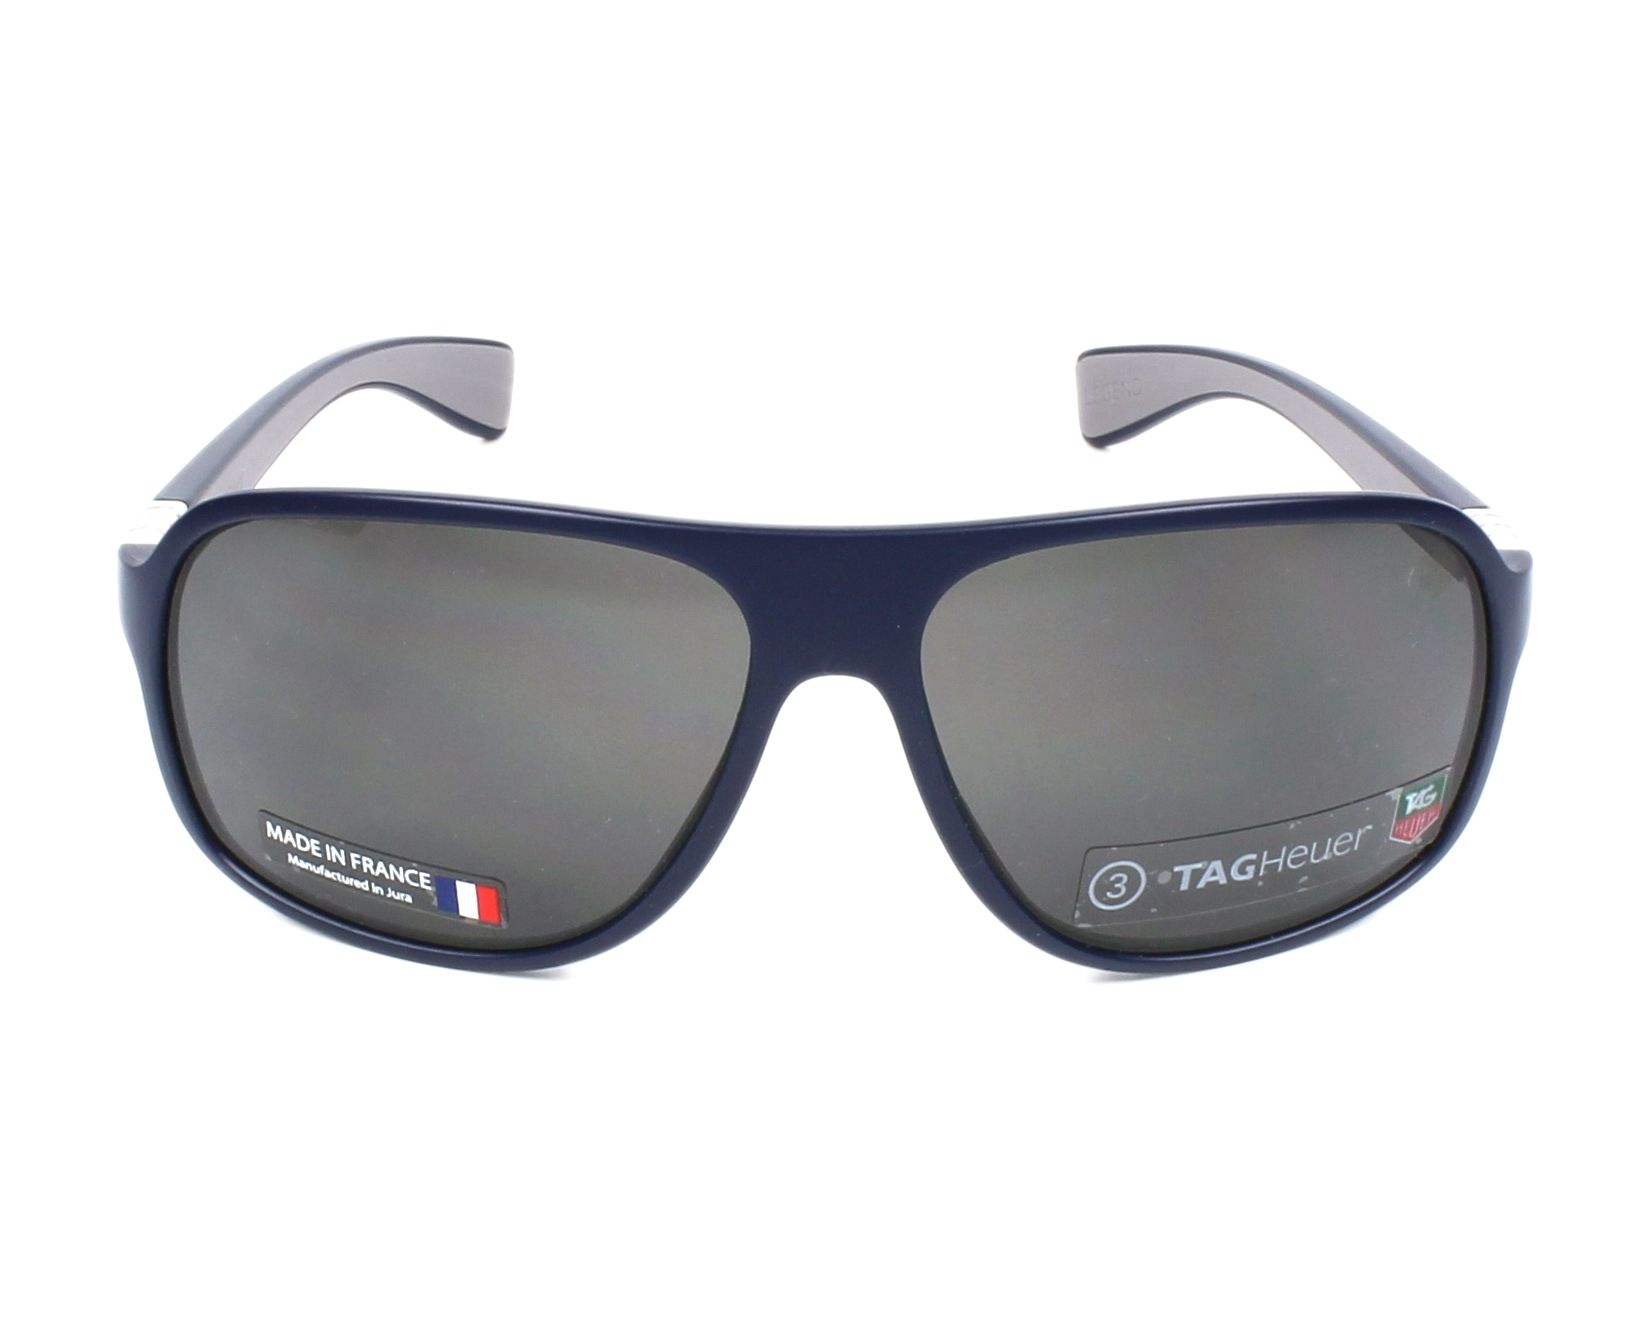 8673176e02 Gafas de sol Tag Heuer TH-9303 104 - Azul vista de frente